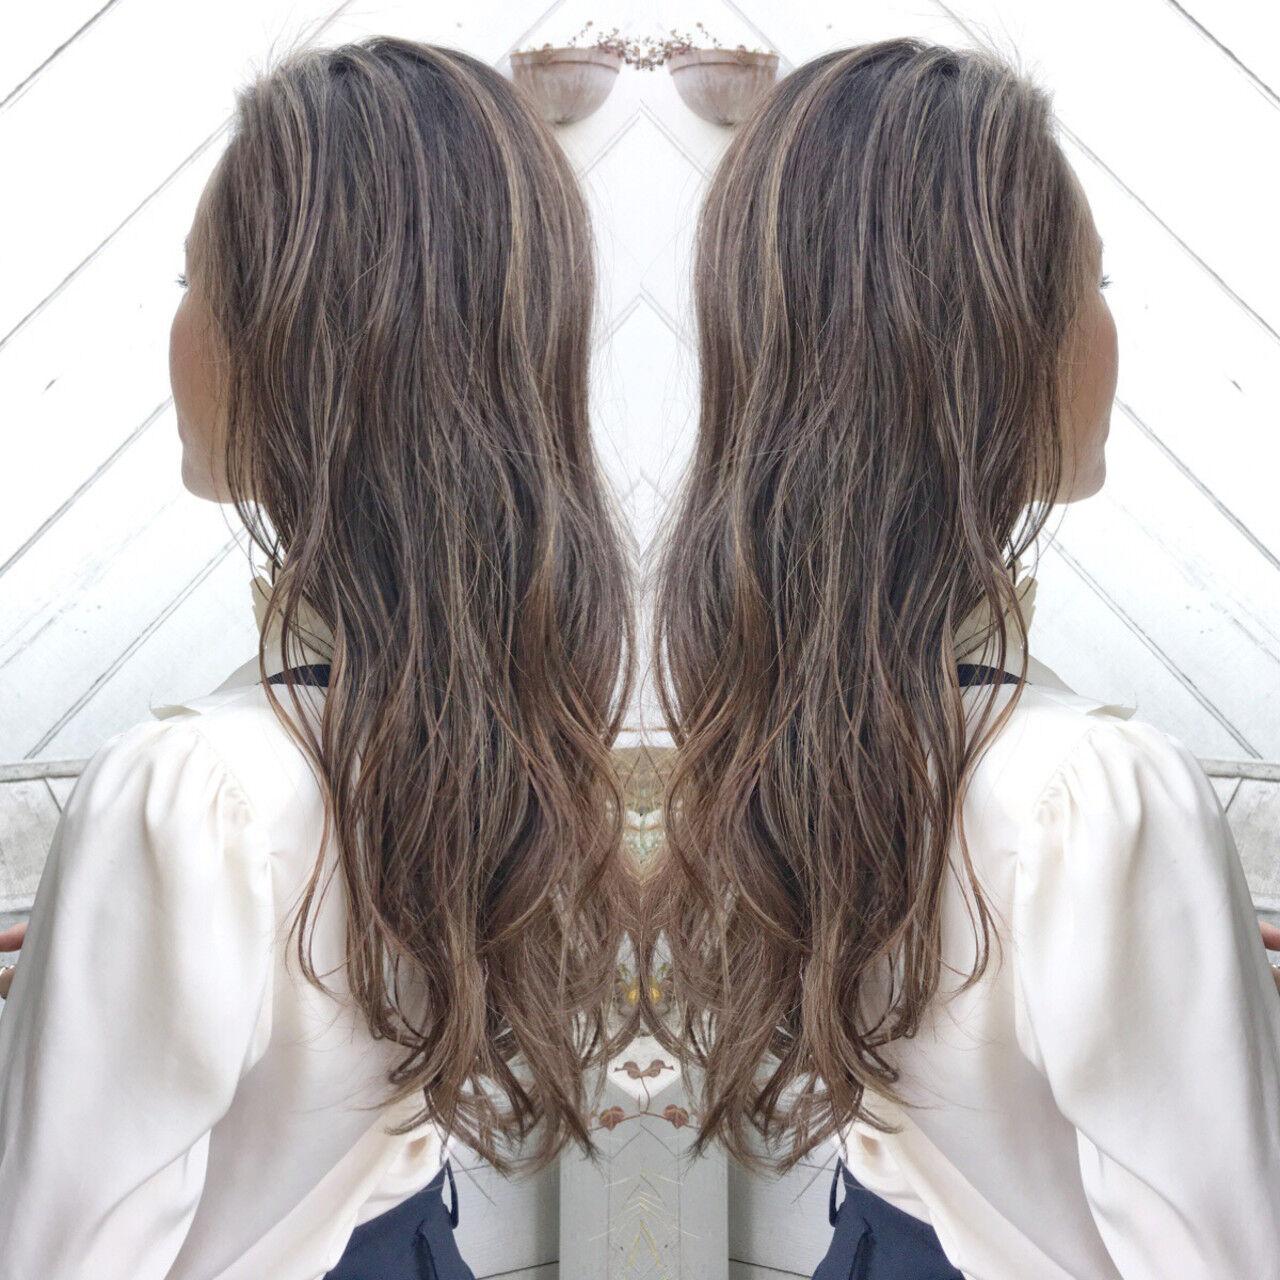 フェミニン ヘアアレンジ オフィス アウトドアヘアスタイルや髪型の写真・画像